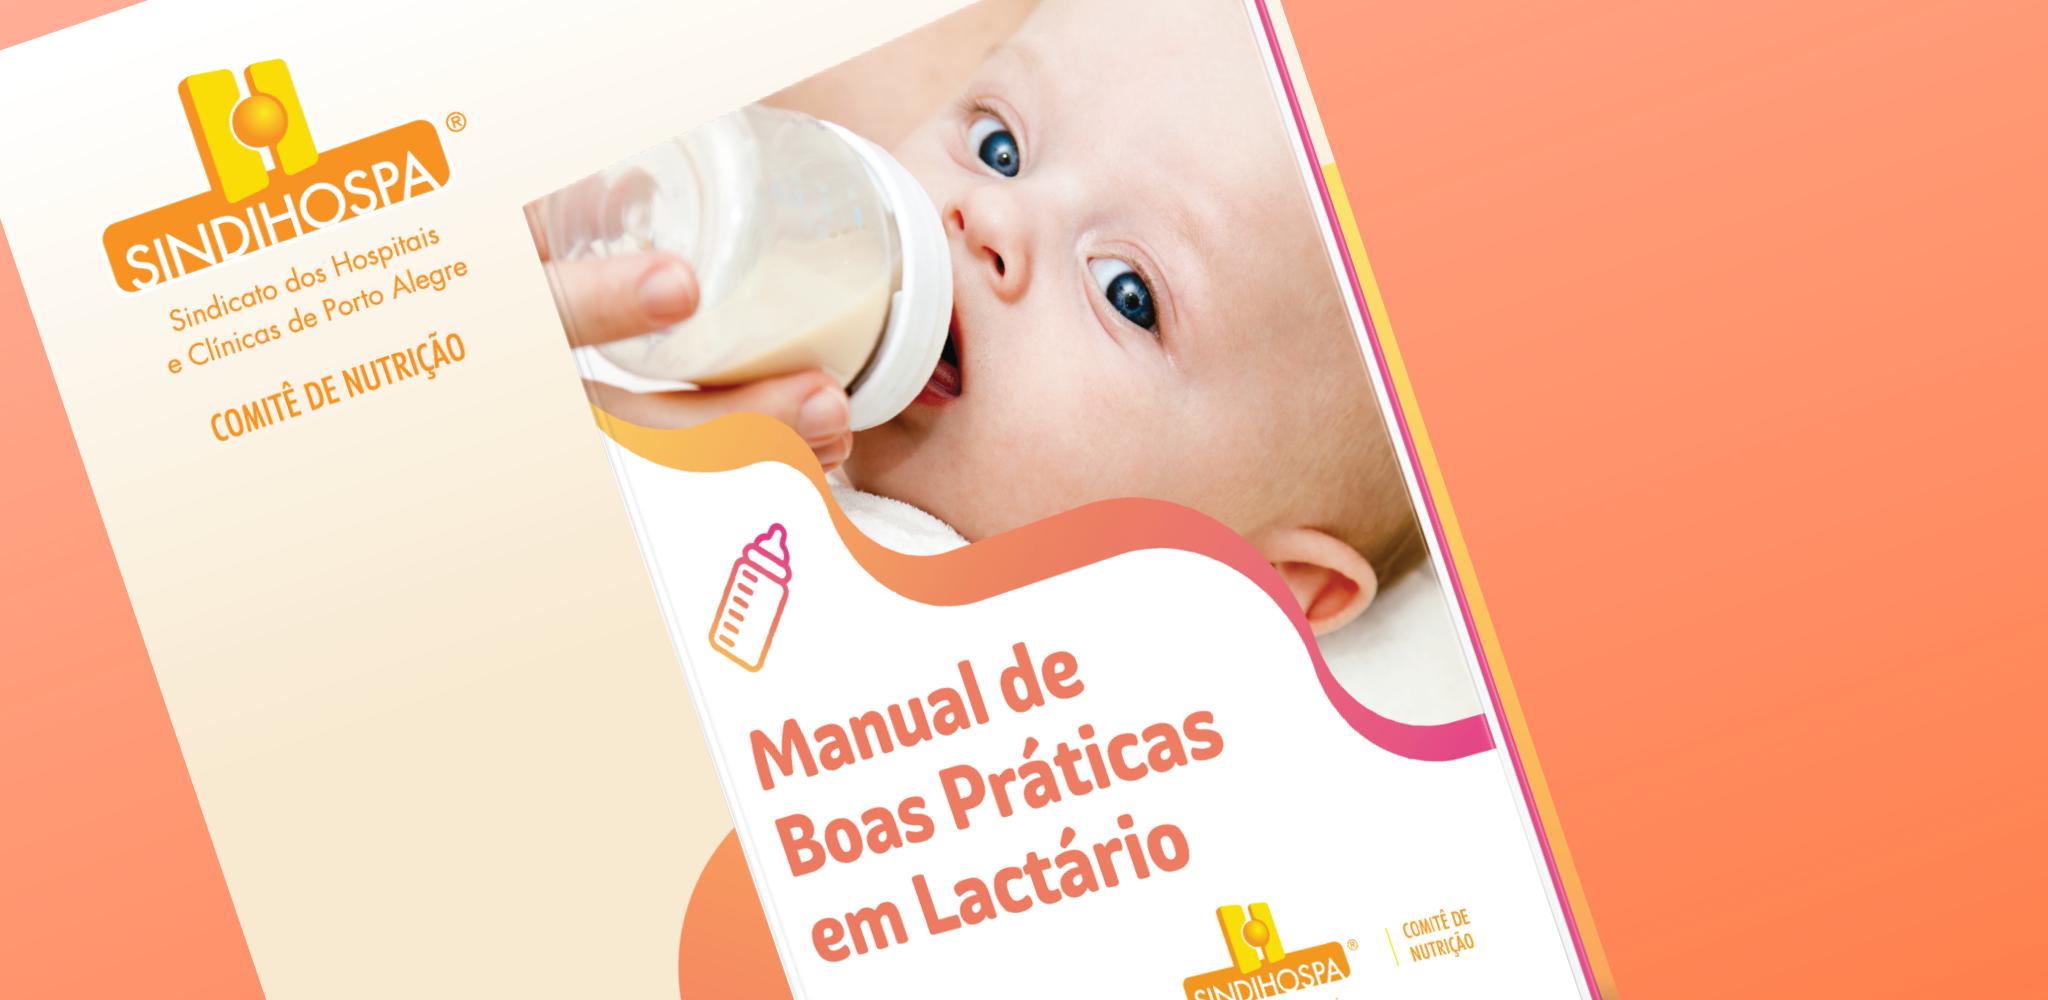 MANUAL DE BOAS PRÁTICAS EM LACTÁRIO